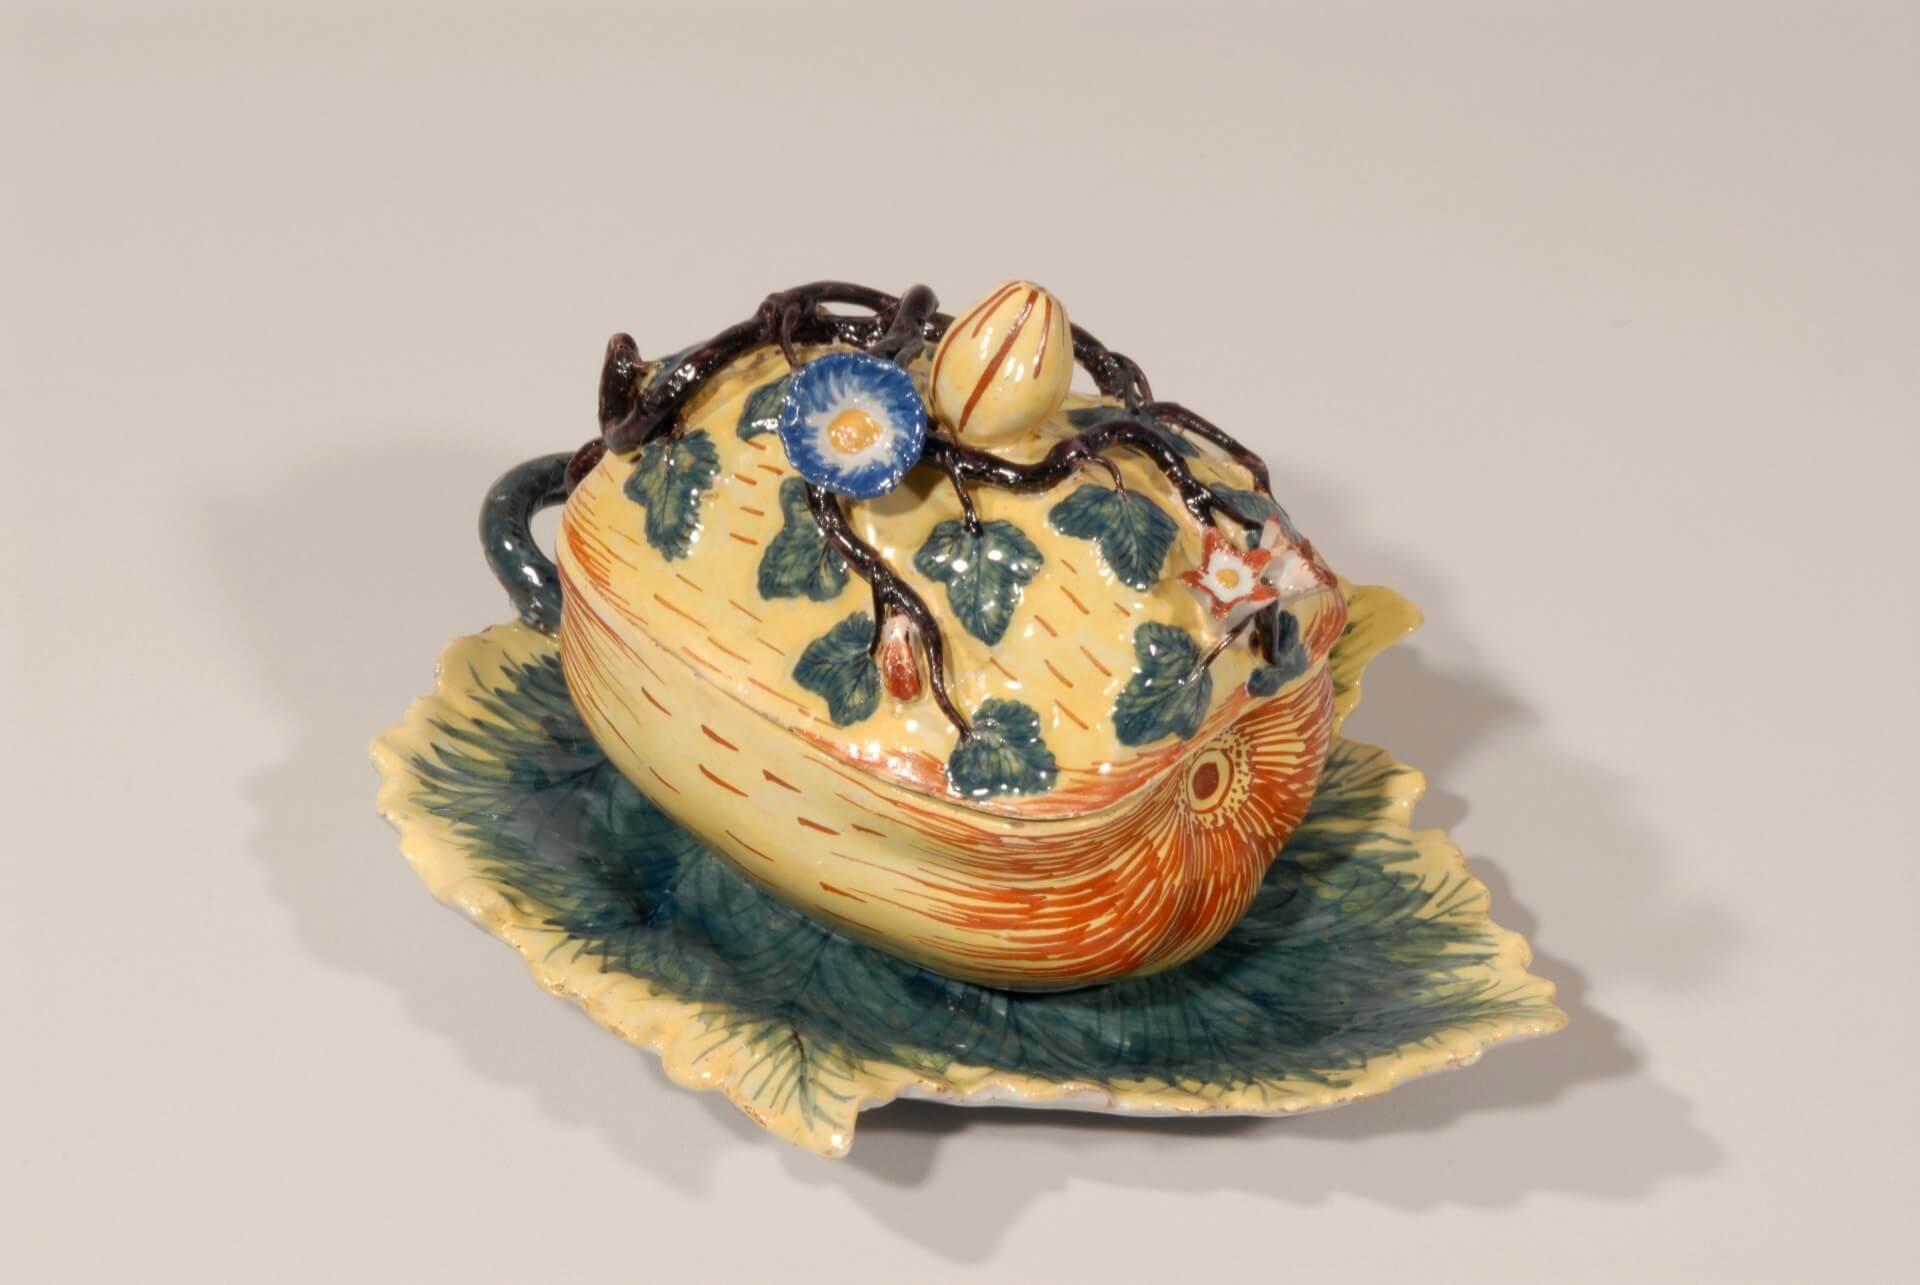 Antique Delft pottery tureen of pumpkin